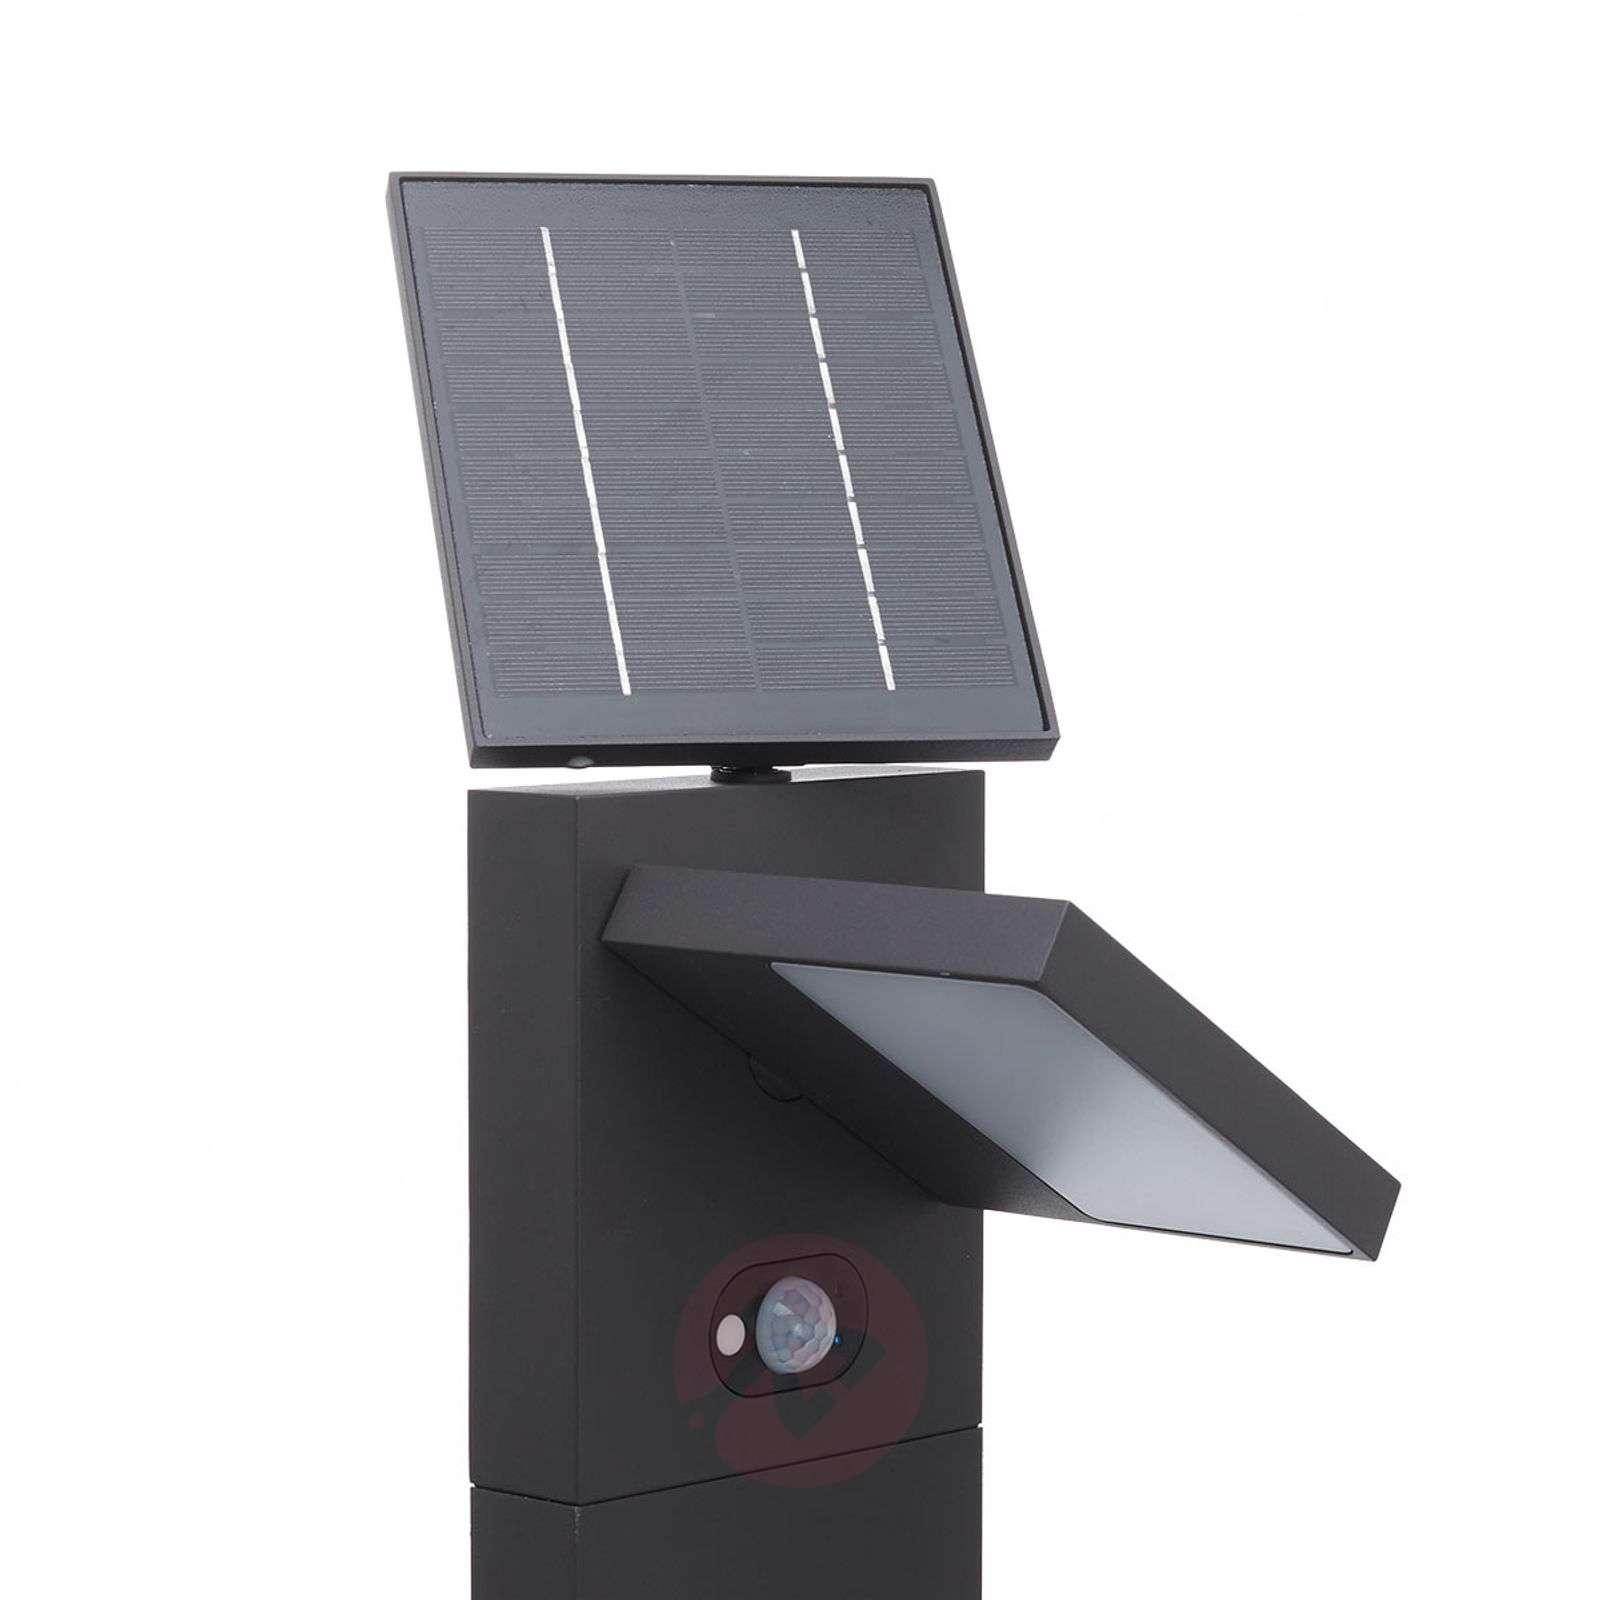 Aurinkokäyttöinen LED-pylväsvalaisin Silvan, 100-9619181-02